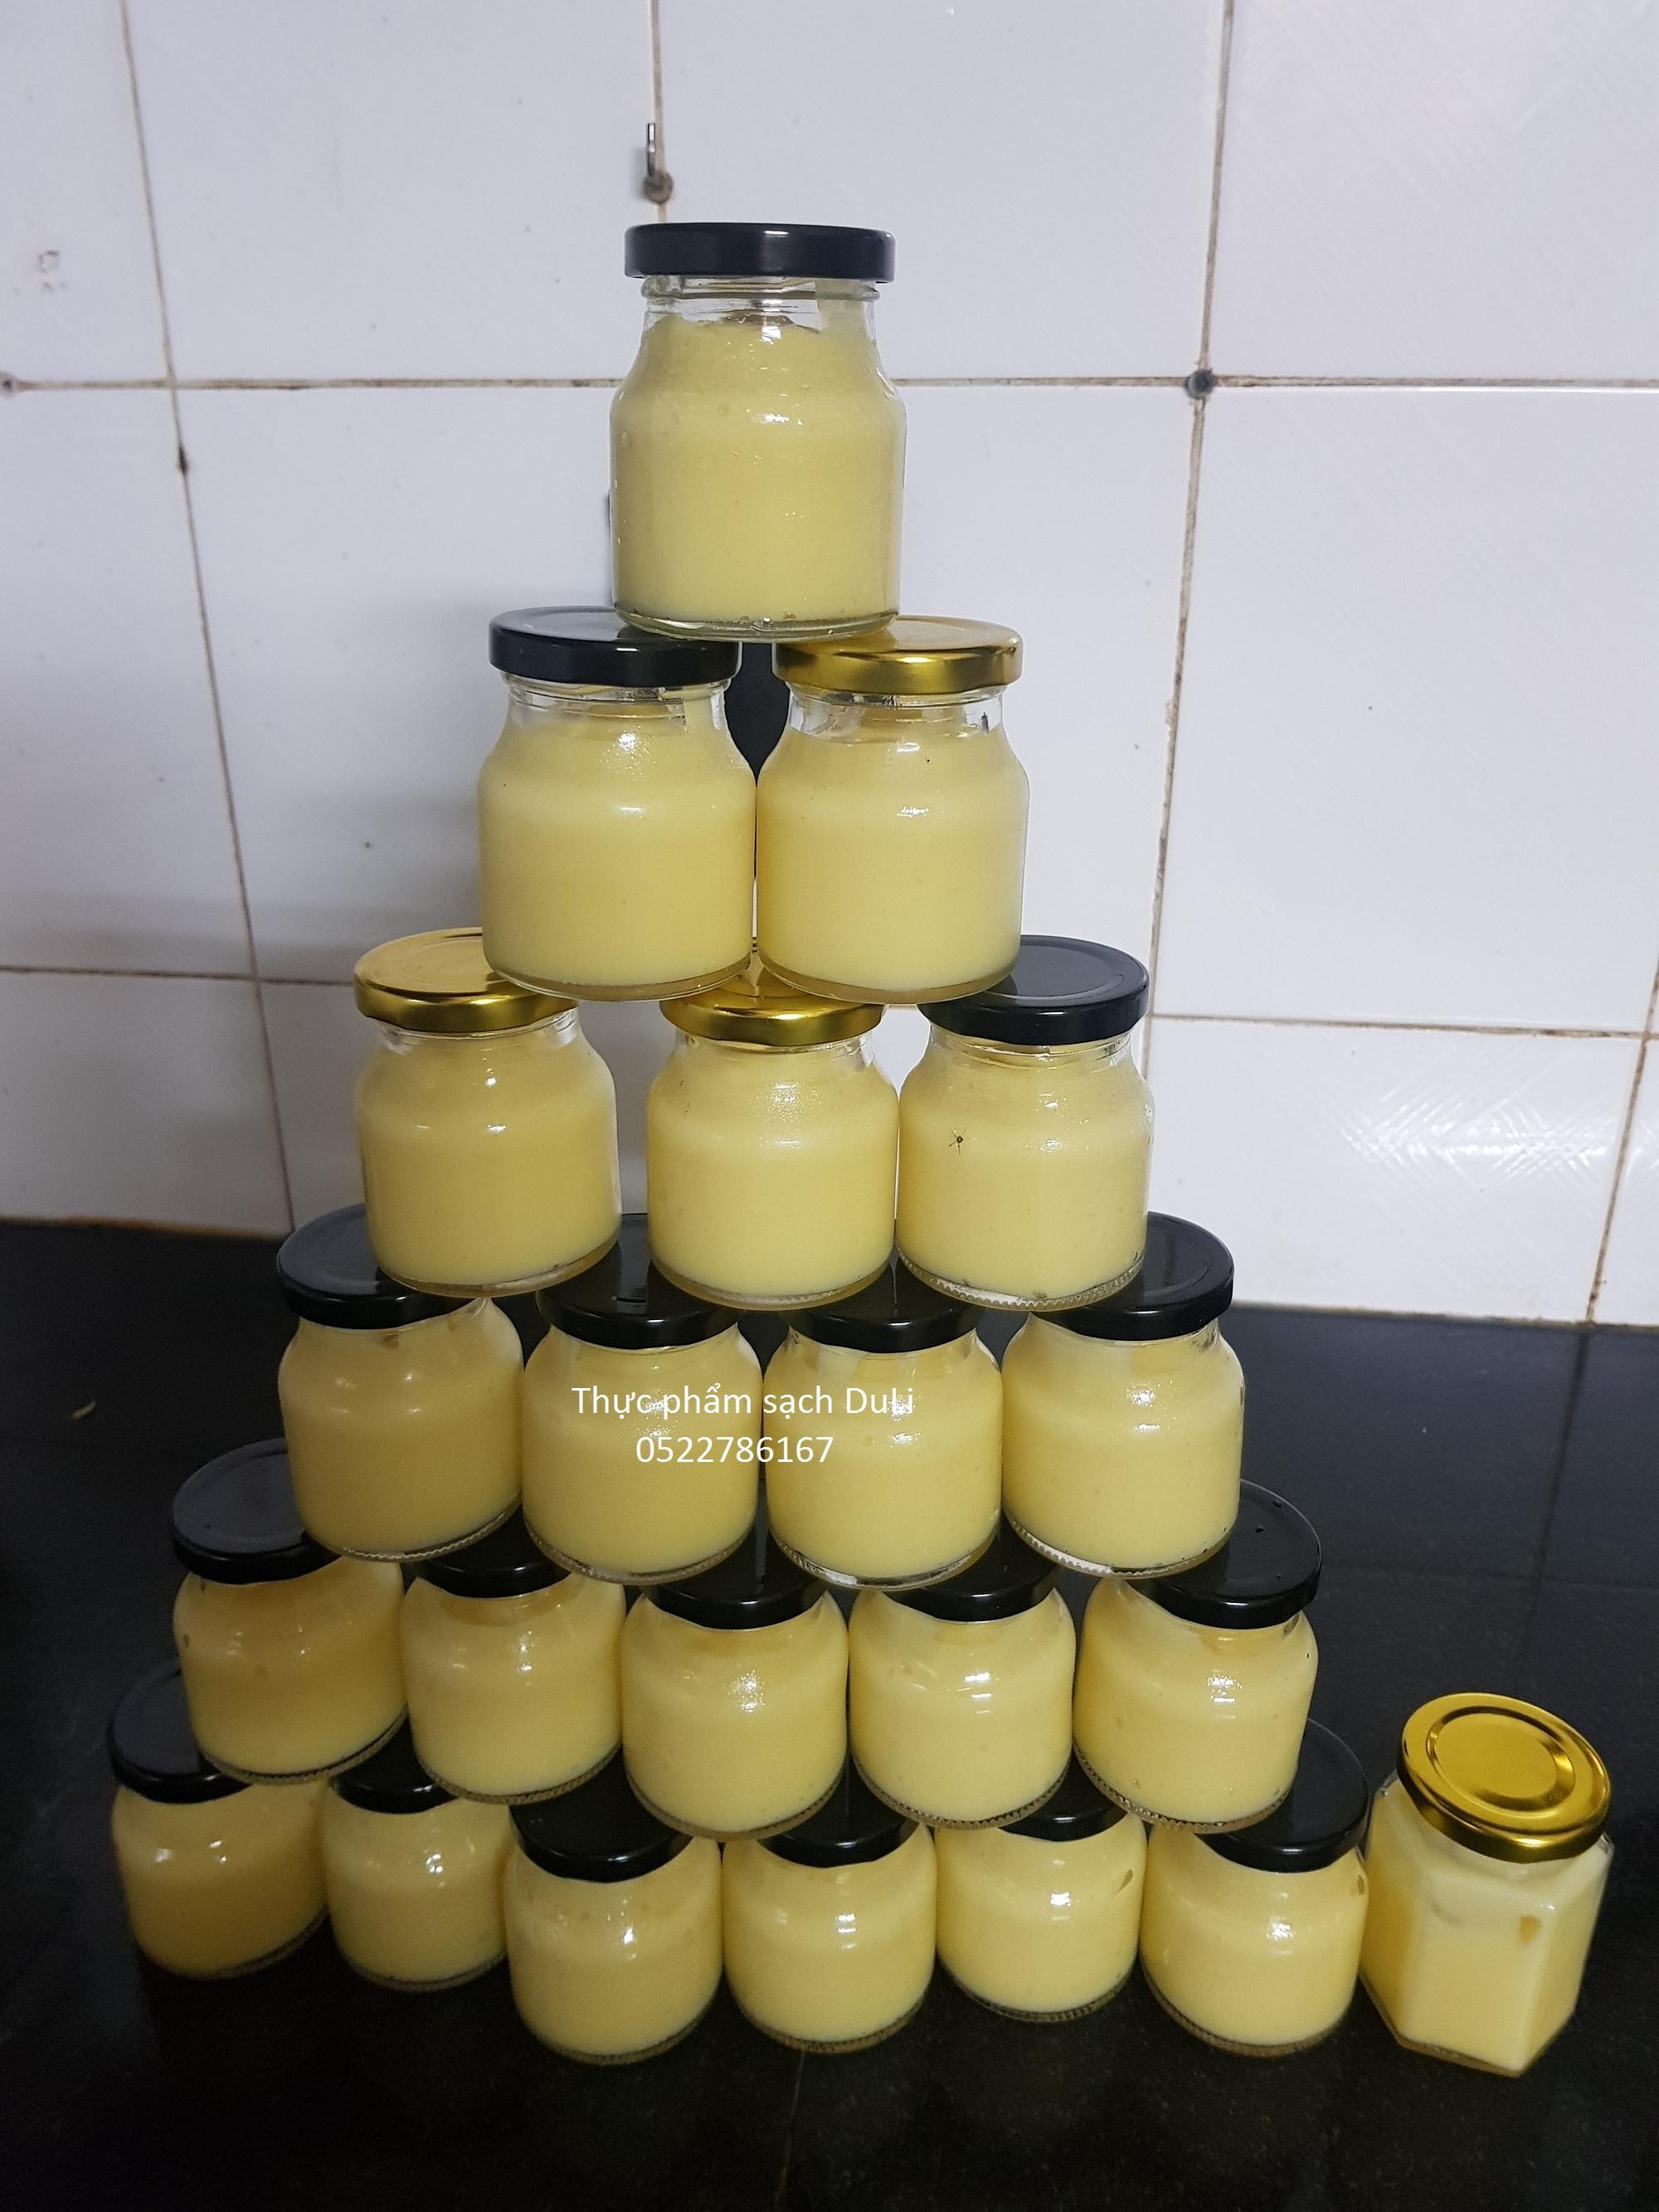 Sữa ong chúa tươi nguyên chất -100g + TẶNG cọ quyét đắp mặt nạ siêu cute và tiện dụng (số lượng có hạn) nhập khẩu